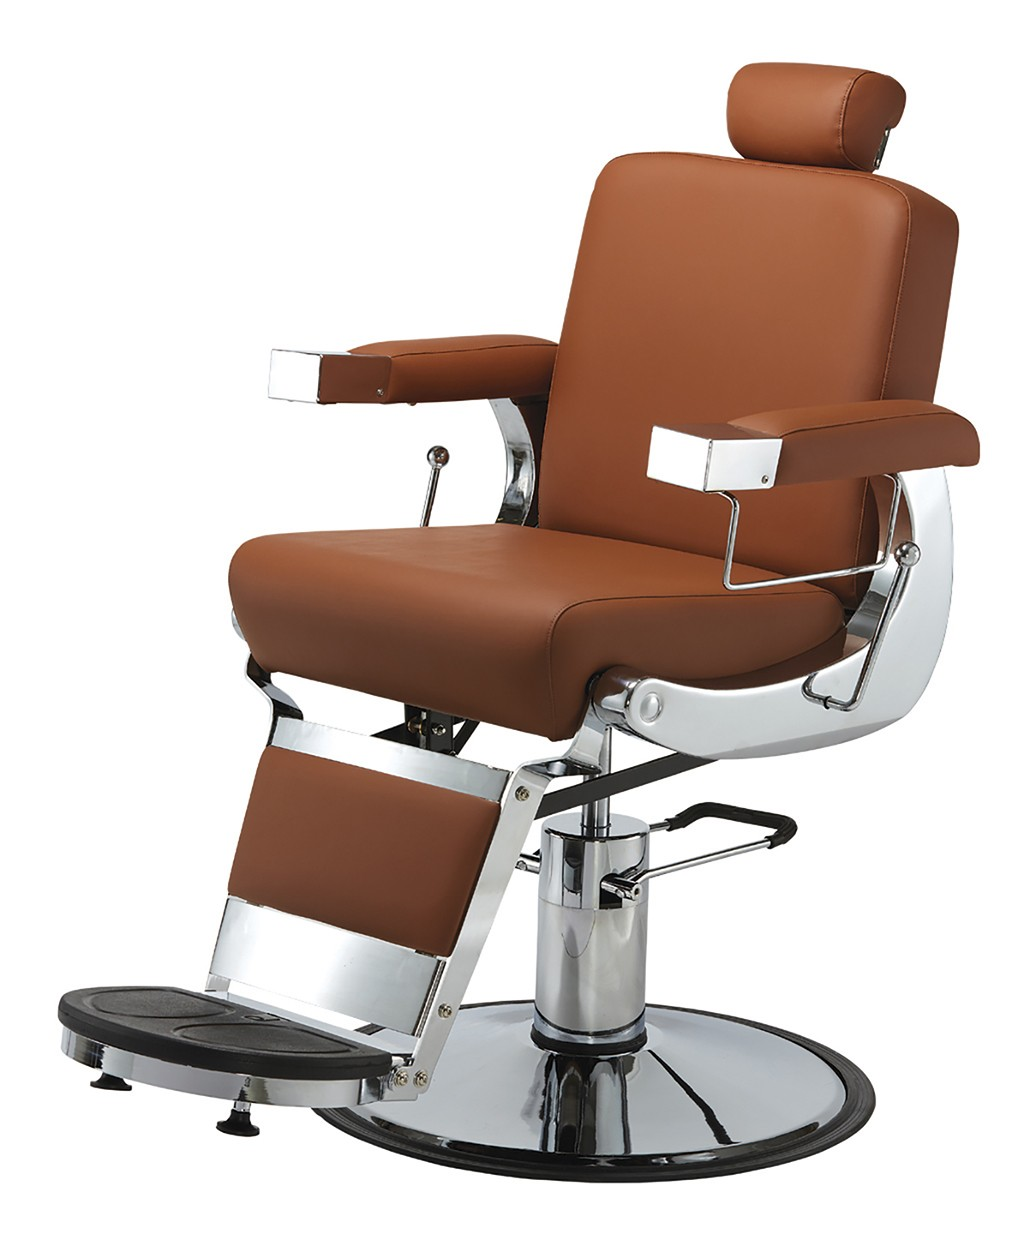 4 Operator Pibbs 658 Barbiere Barber Package Pibbs 658 Barbiere Barber Chair